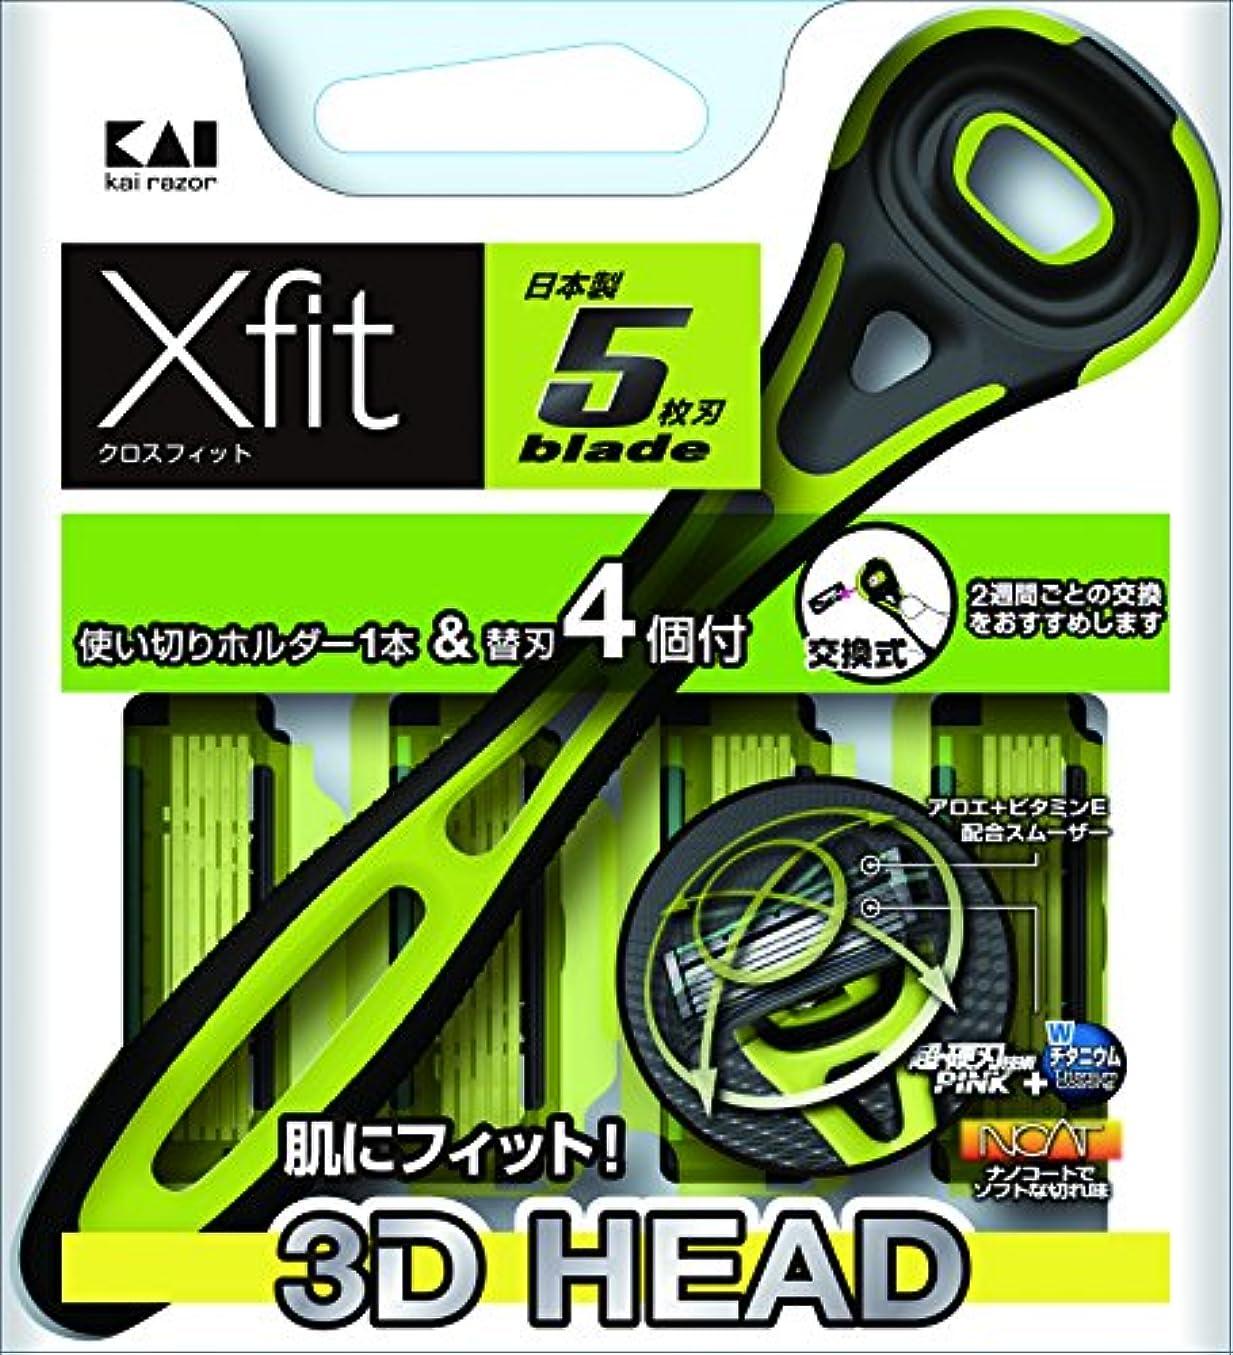 権限仕える熟読するXfit(クロスフィット)5枚刃 クリアパッケージ 使い切りホルダー+替刃4個